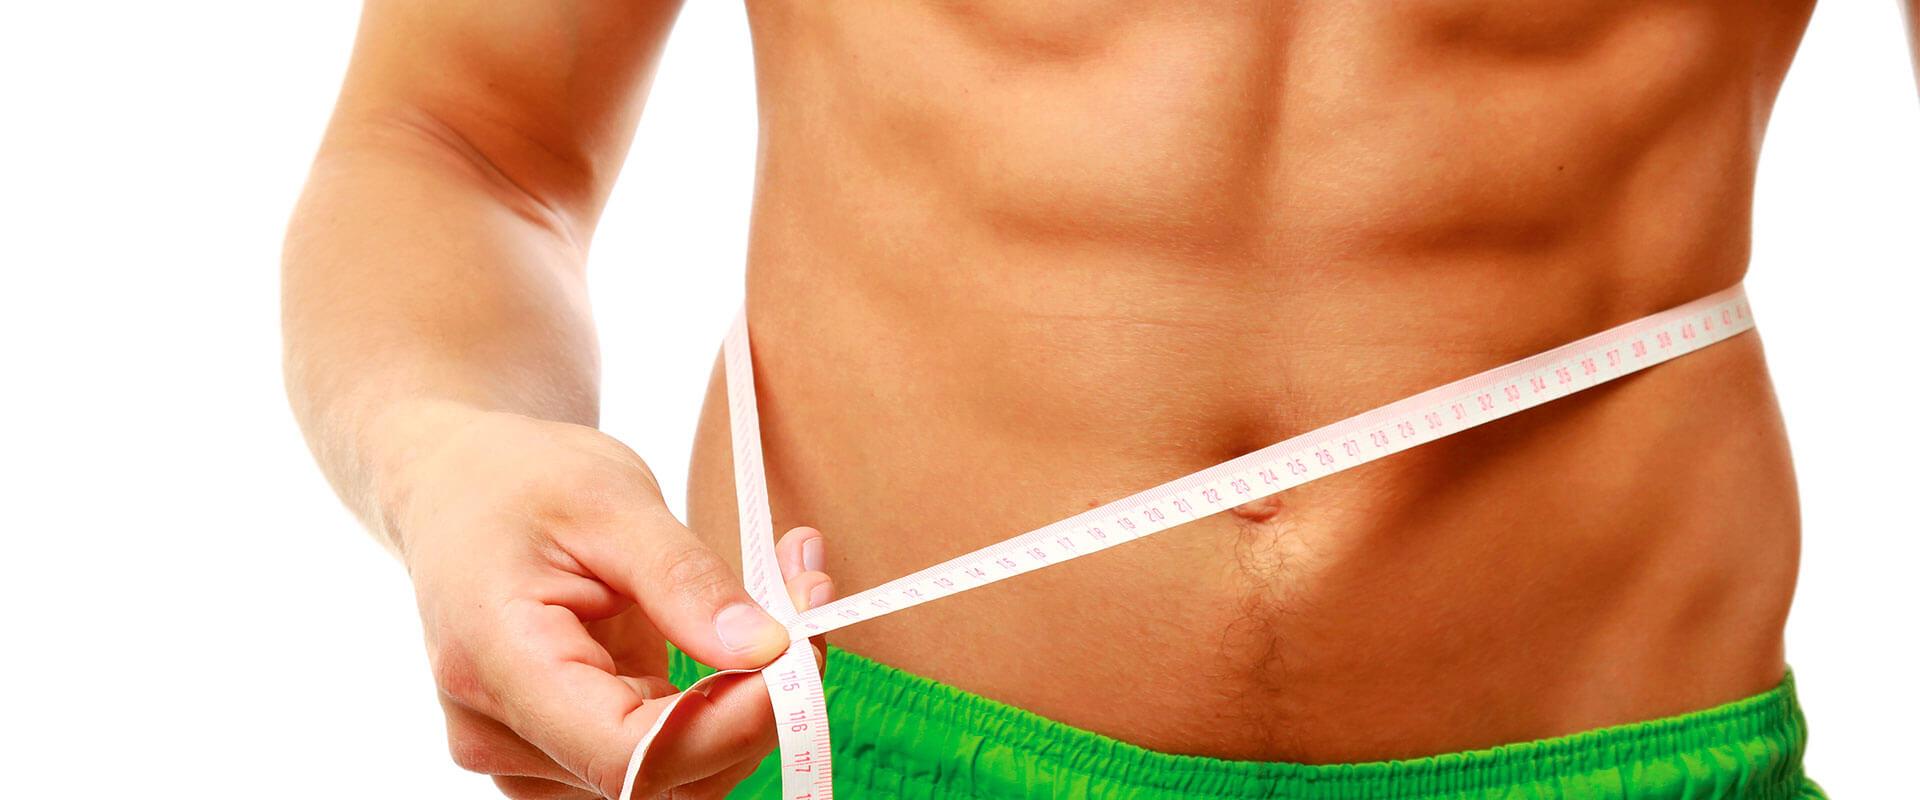 Hombre midiendo su cintura luego de usar el aparato de ejercicio Body Crunch Evolution.